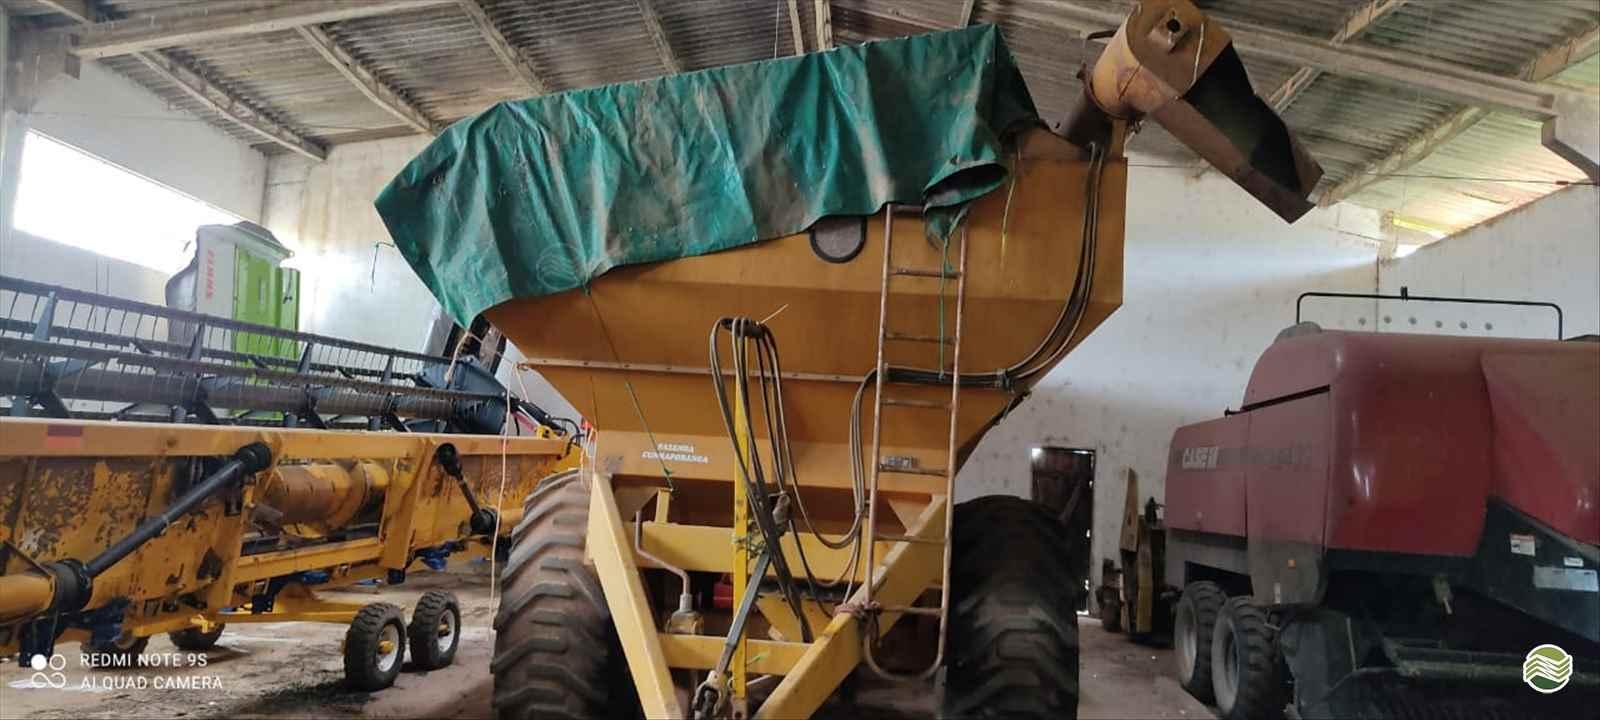 IMPLEMENTOS AGRICOLAS CARRETA BAZUKA GRANELEIRA 17500 Pedrinho Tratores CASTRO PARANÁ PR